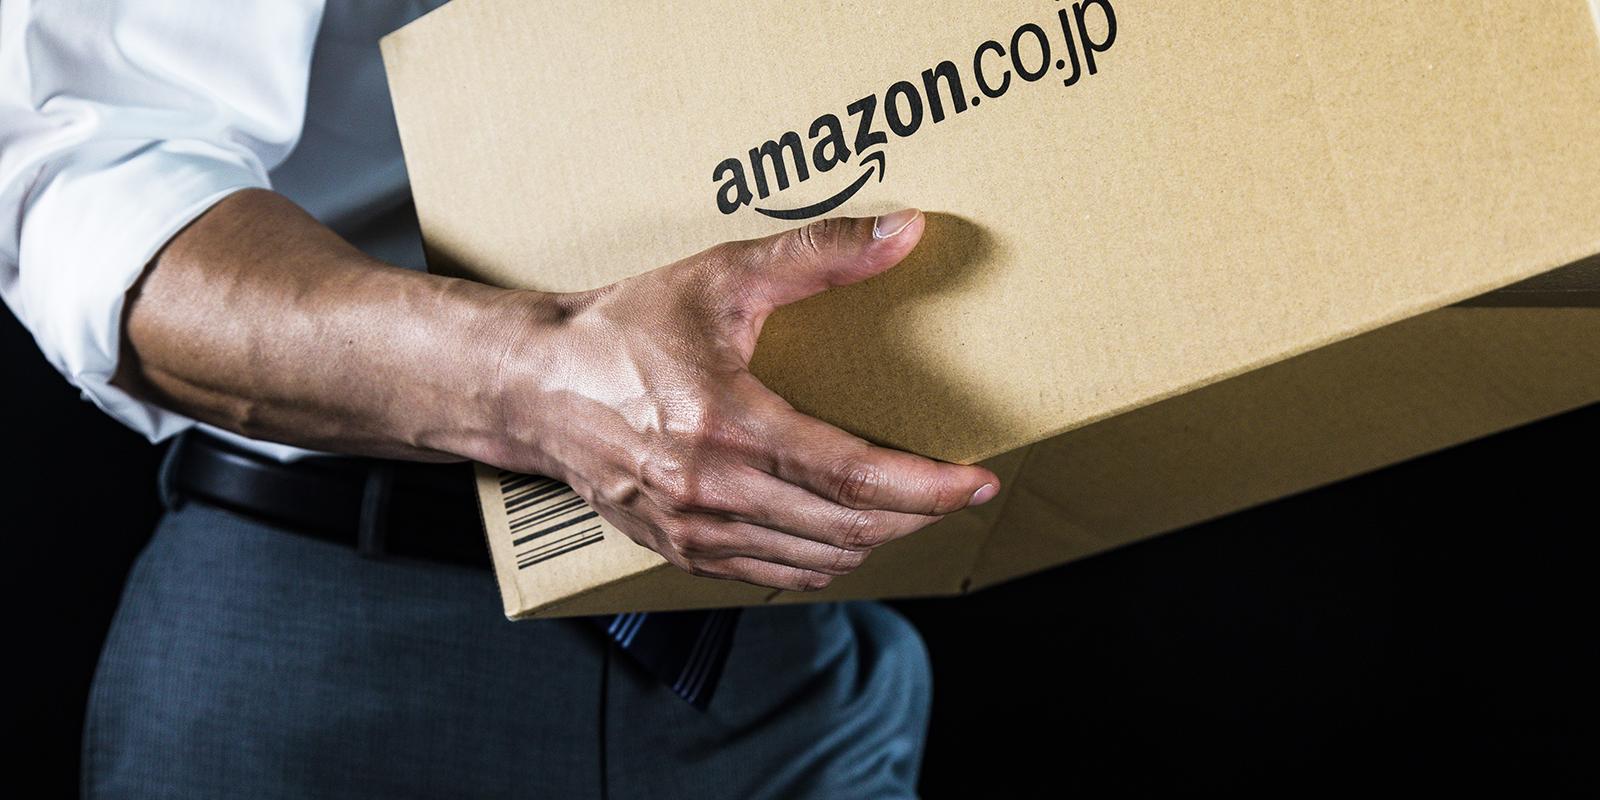 大型家電もAmazonで購入できる!〜引っ越しの費用を抑えるコツ